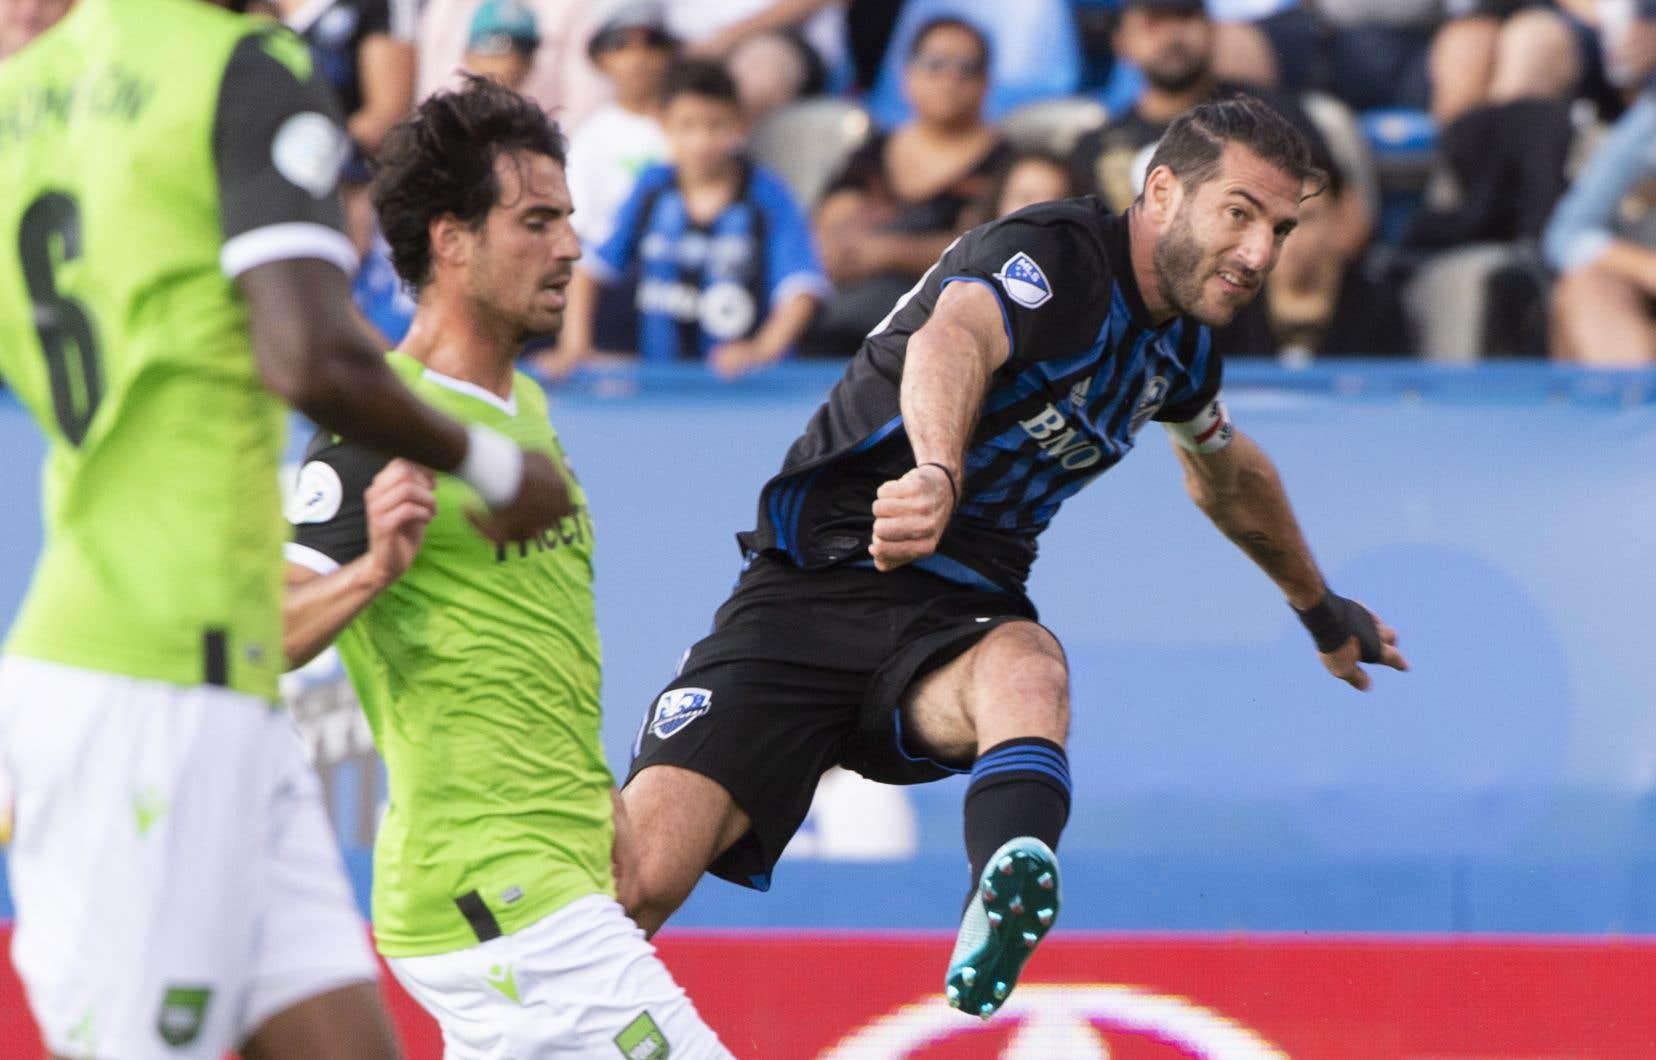 IgnacioPiatti est revenu au jeu mercredi soir et il a aidé la troupe montréalaise à arracher une victoire de 1-0 contre le York9 FC lors du match retour des quarts de finale du Championnat canadien. L'Argentin a inscrit le seul but du match, sur un penalty.